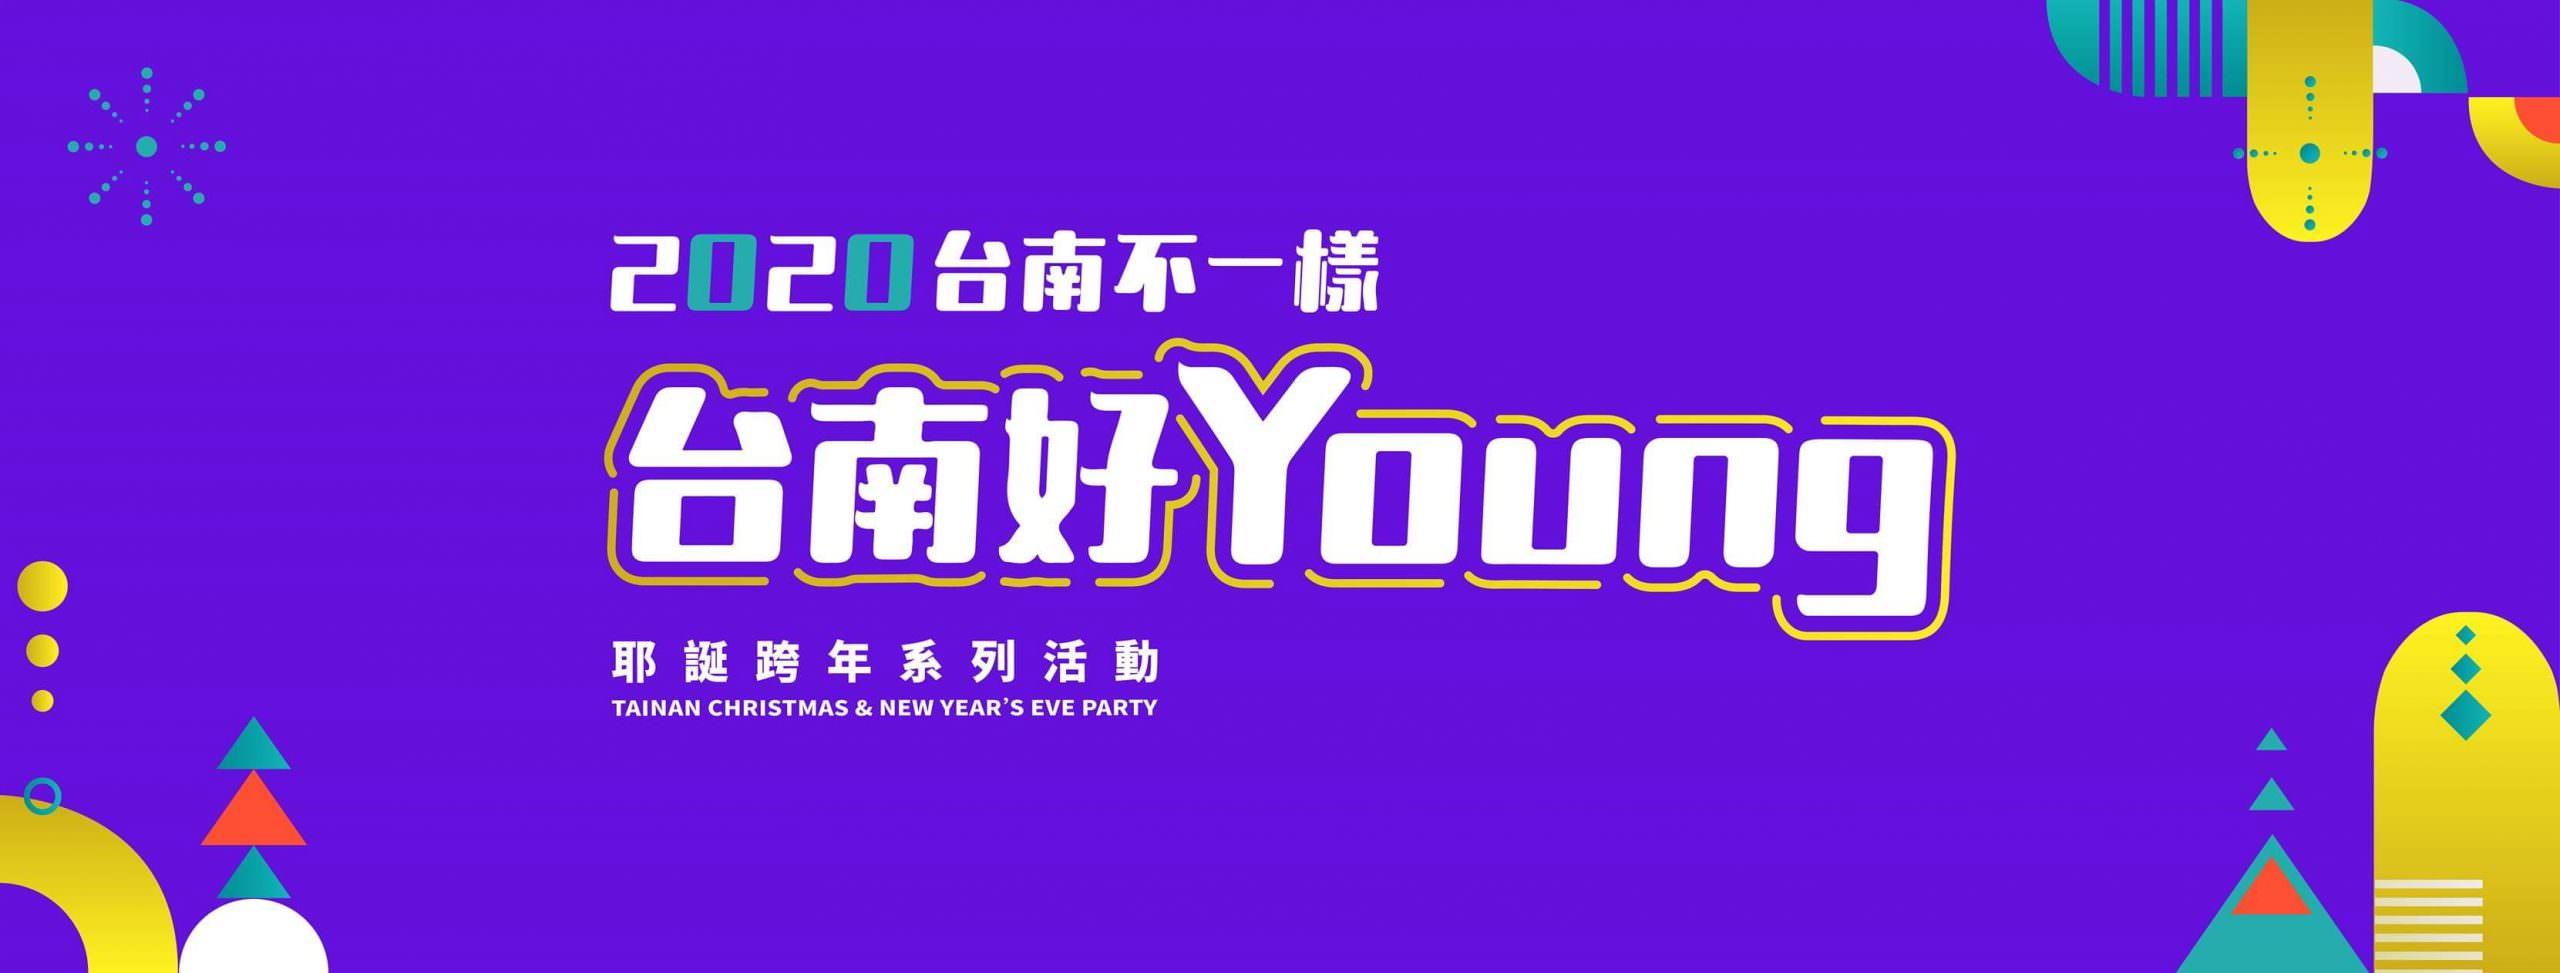 2020台南跨年晚會、卡司陣容、交通資訊